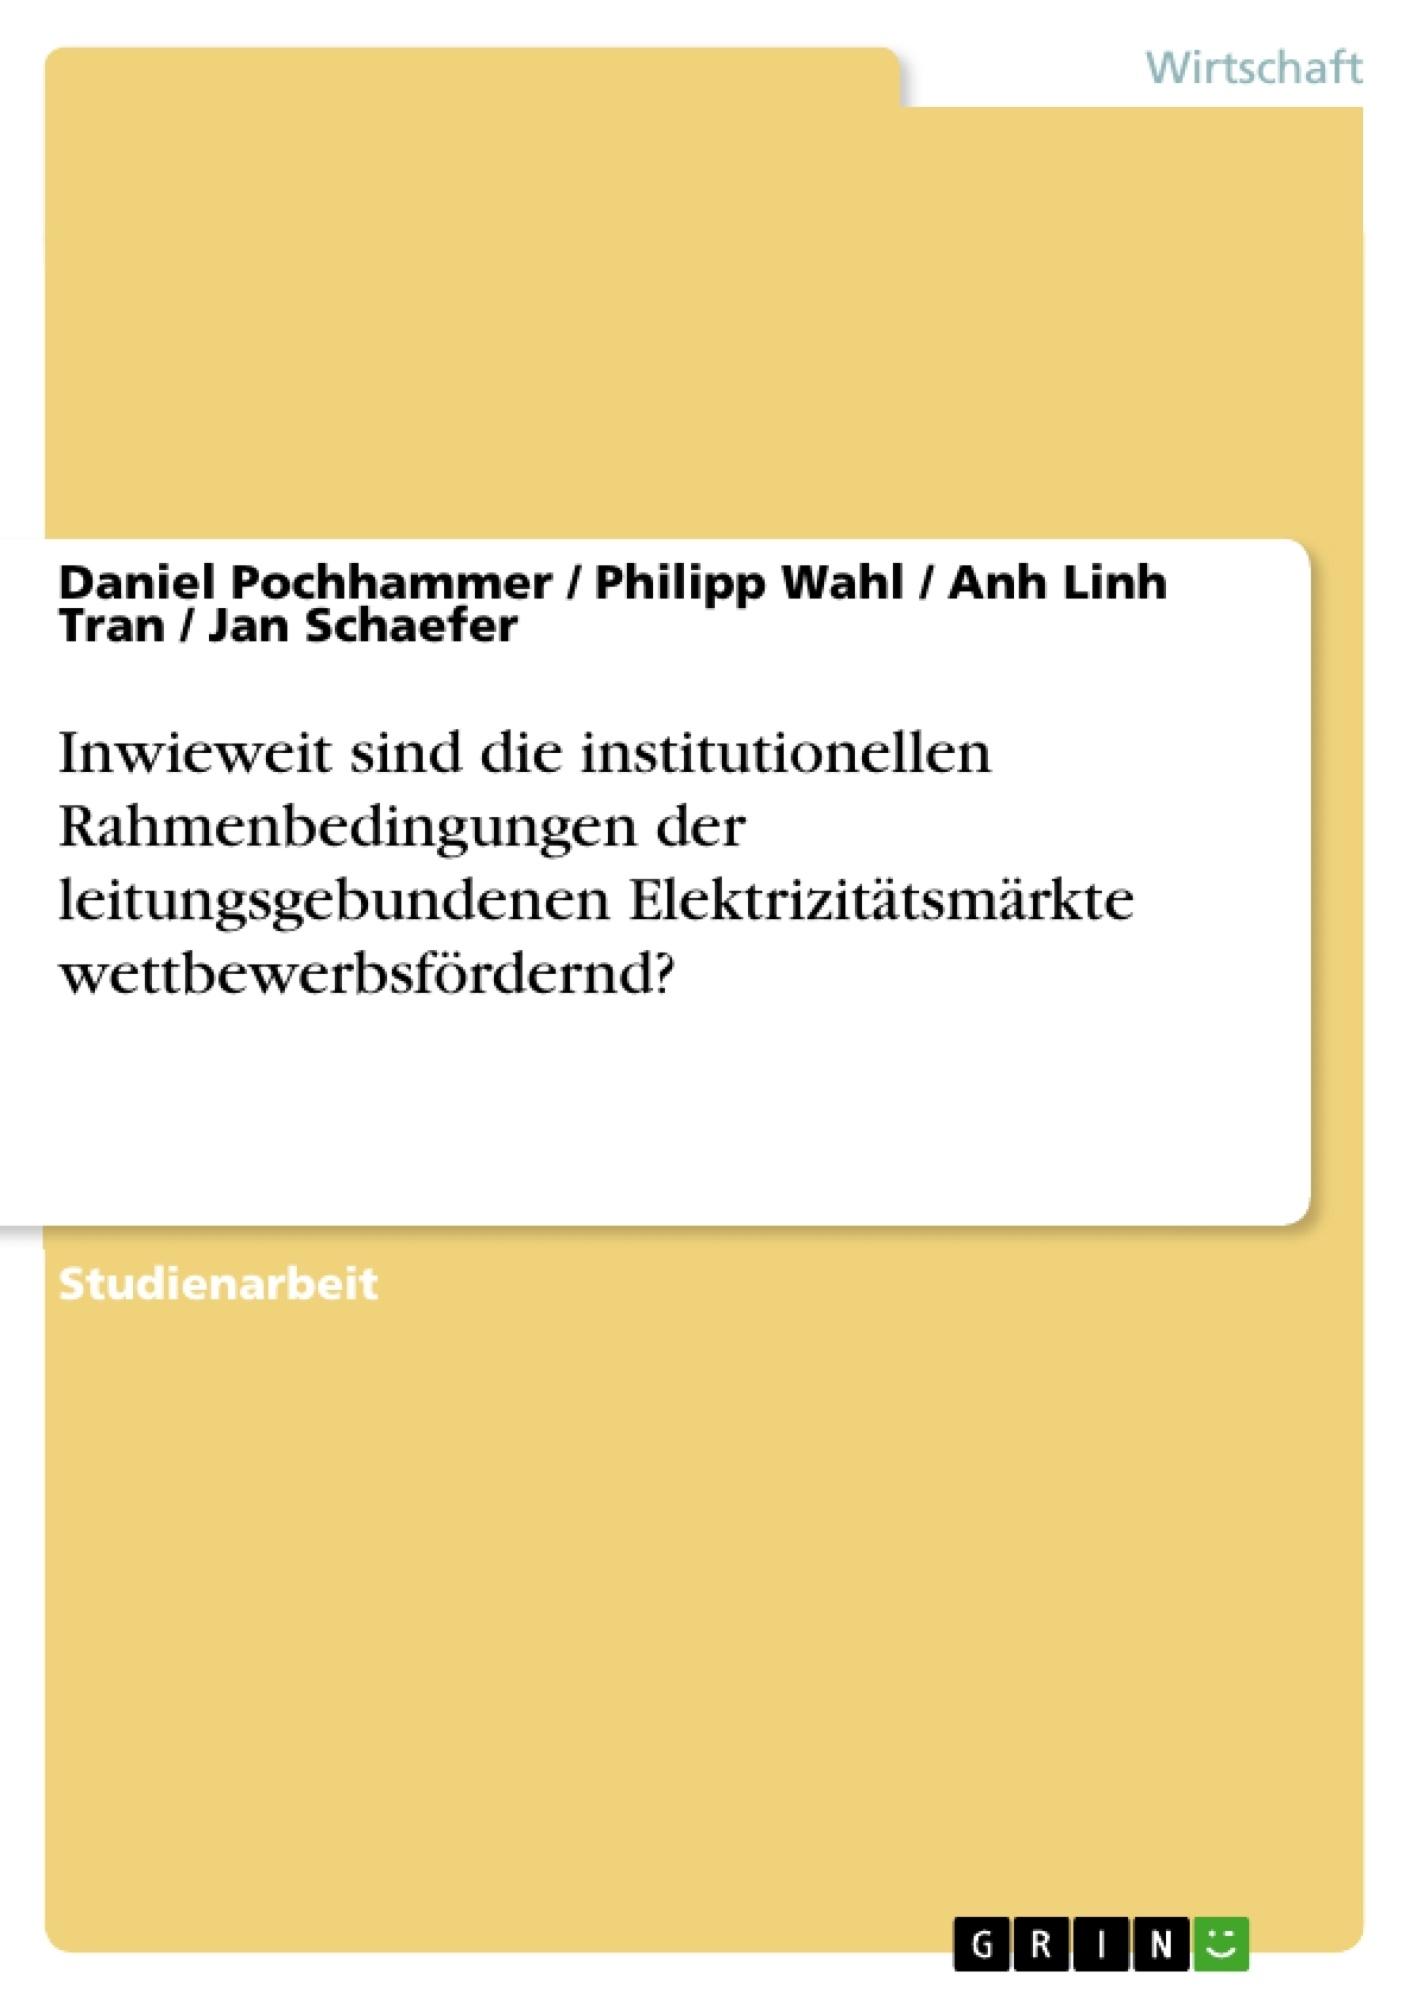 Titel: Inwieweit sind die institutionellen Rahmenbedingungen der leitungsgebundenen Elektrizitätsmärkte wettbewerbsfördernd?